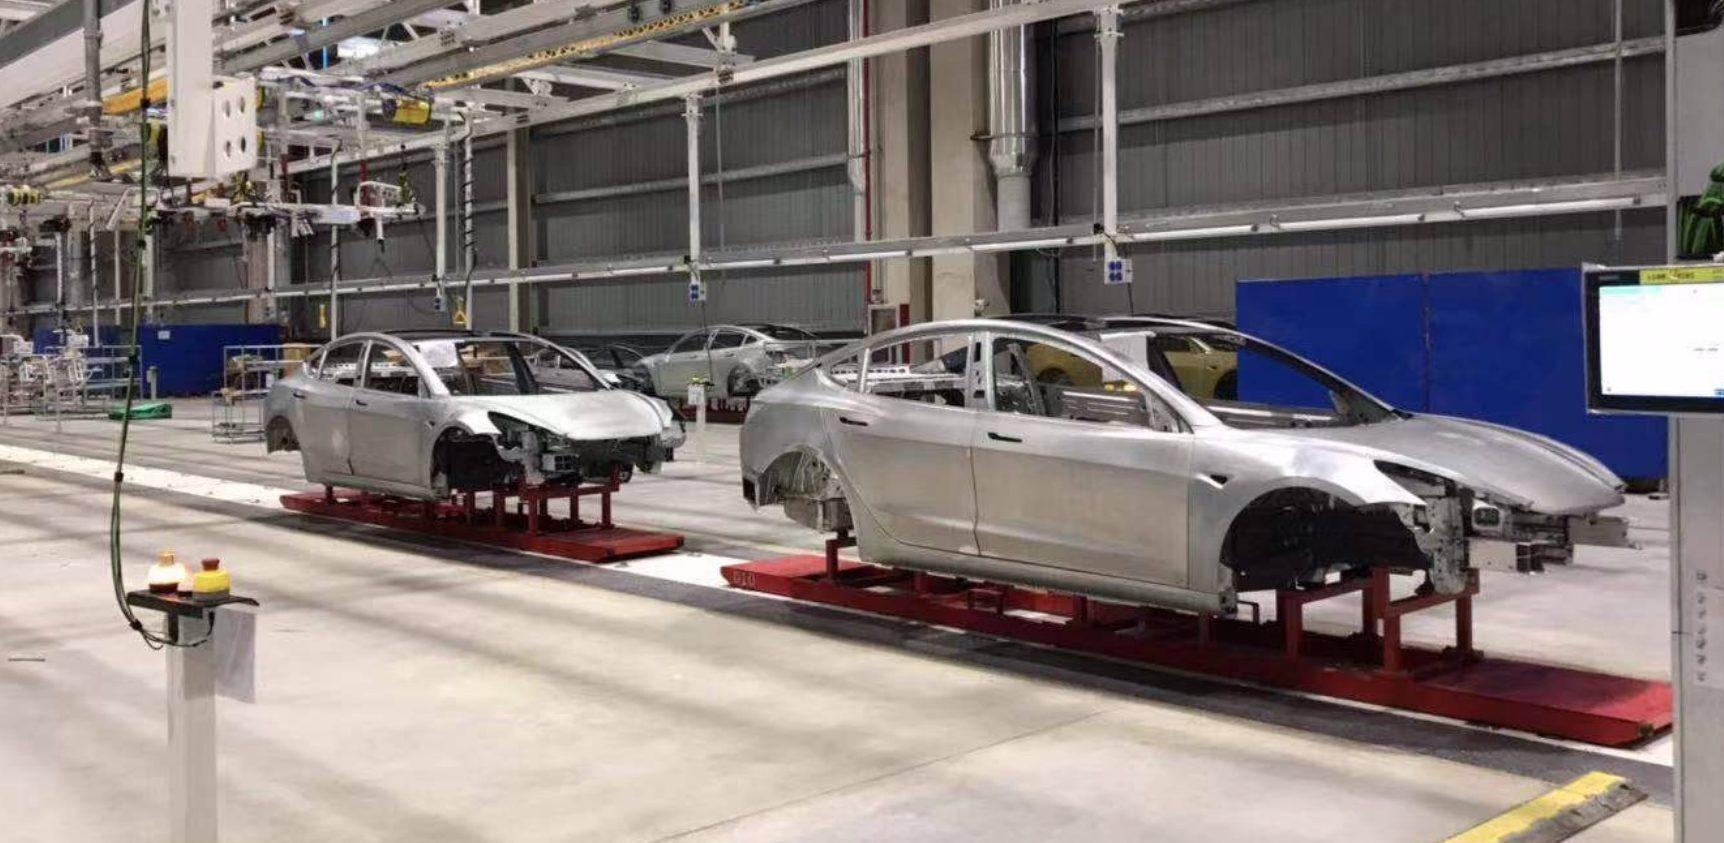 特斯拉上海工厂内部图曝光:Model 3车身已下线